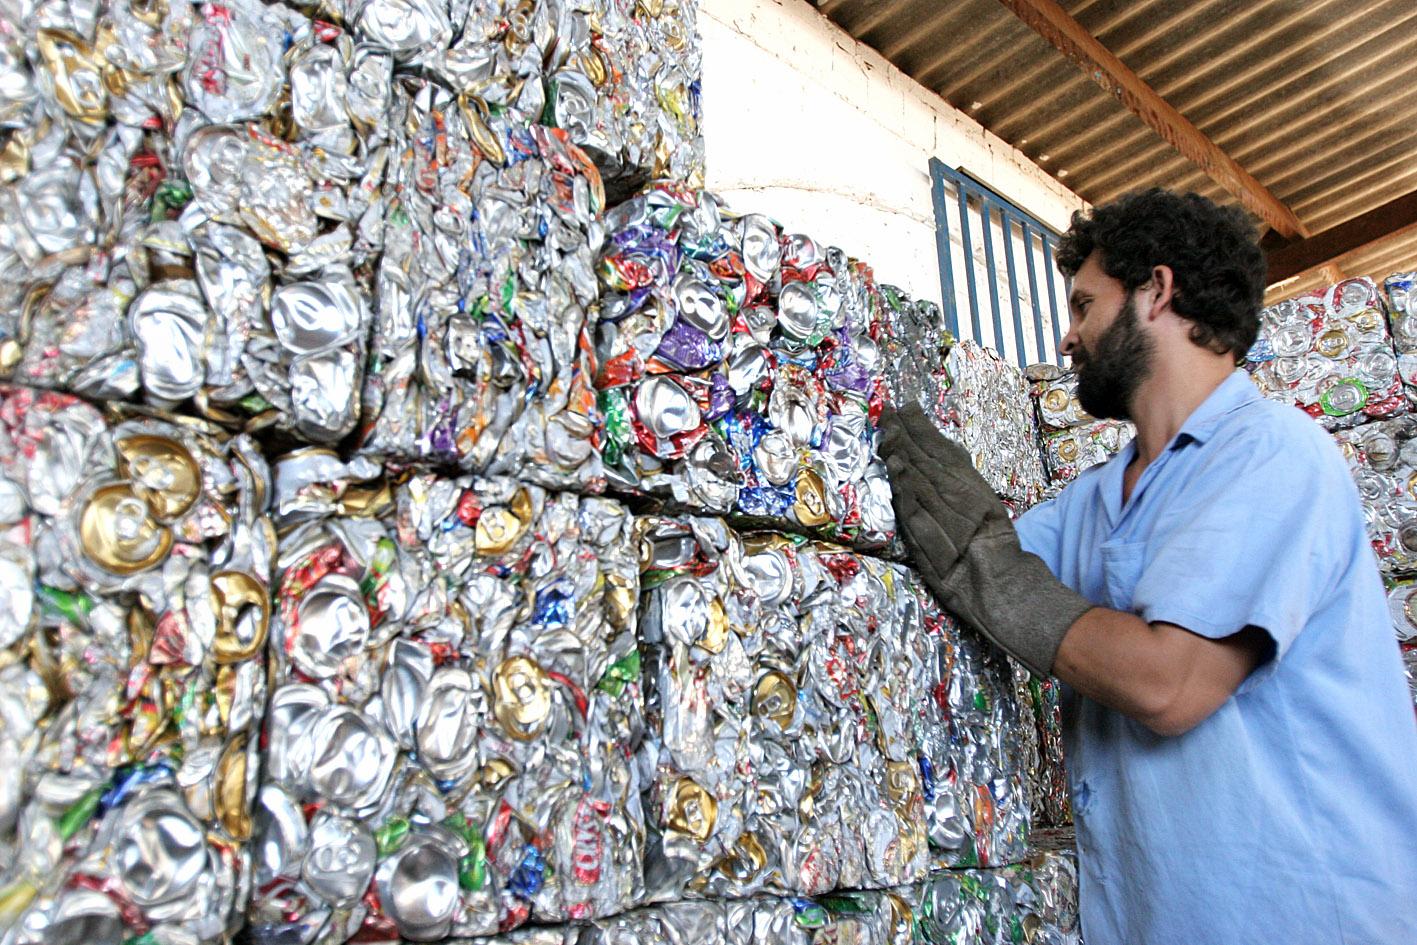 Sergipe qualifica catadores para trabalhar em usinas de reciclagem